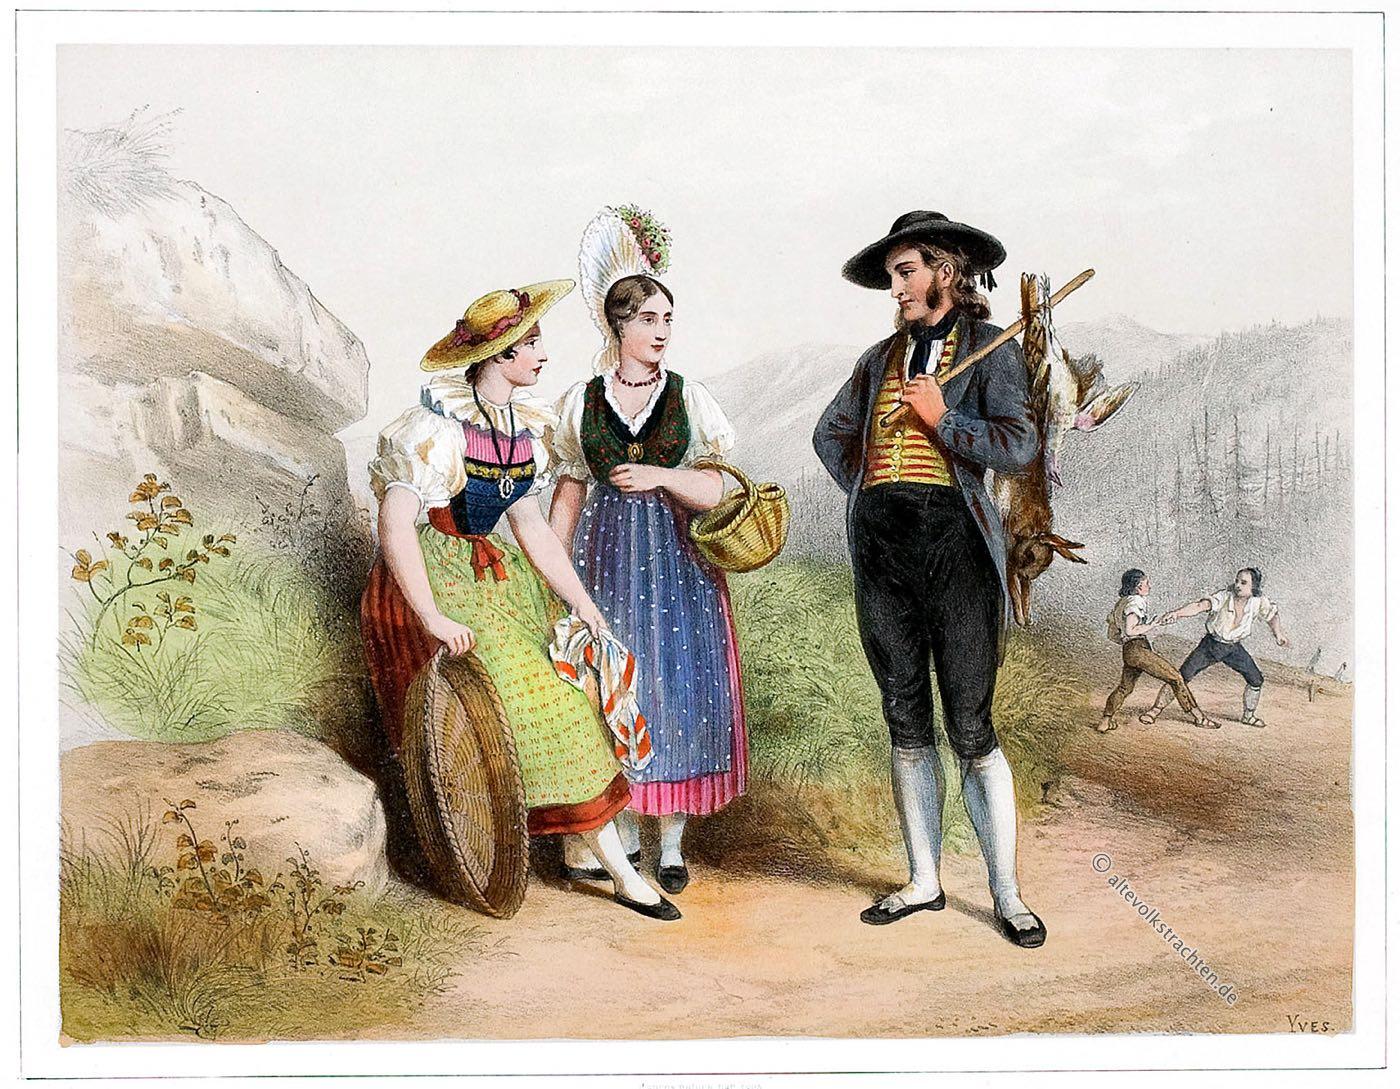 Trachten, Luzern, Schwyz, Kleidung, Schweiz, Costumes, Suisses,